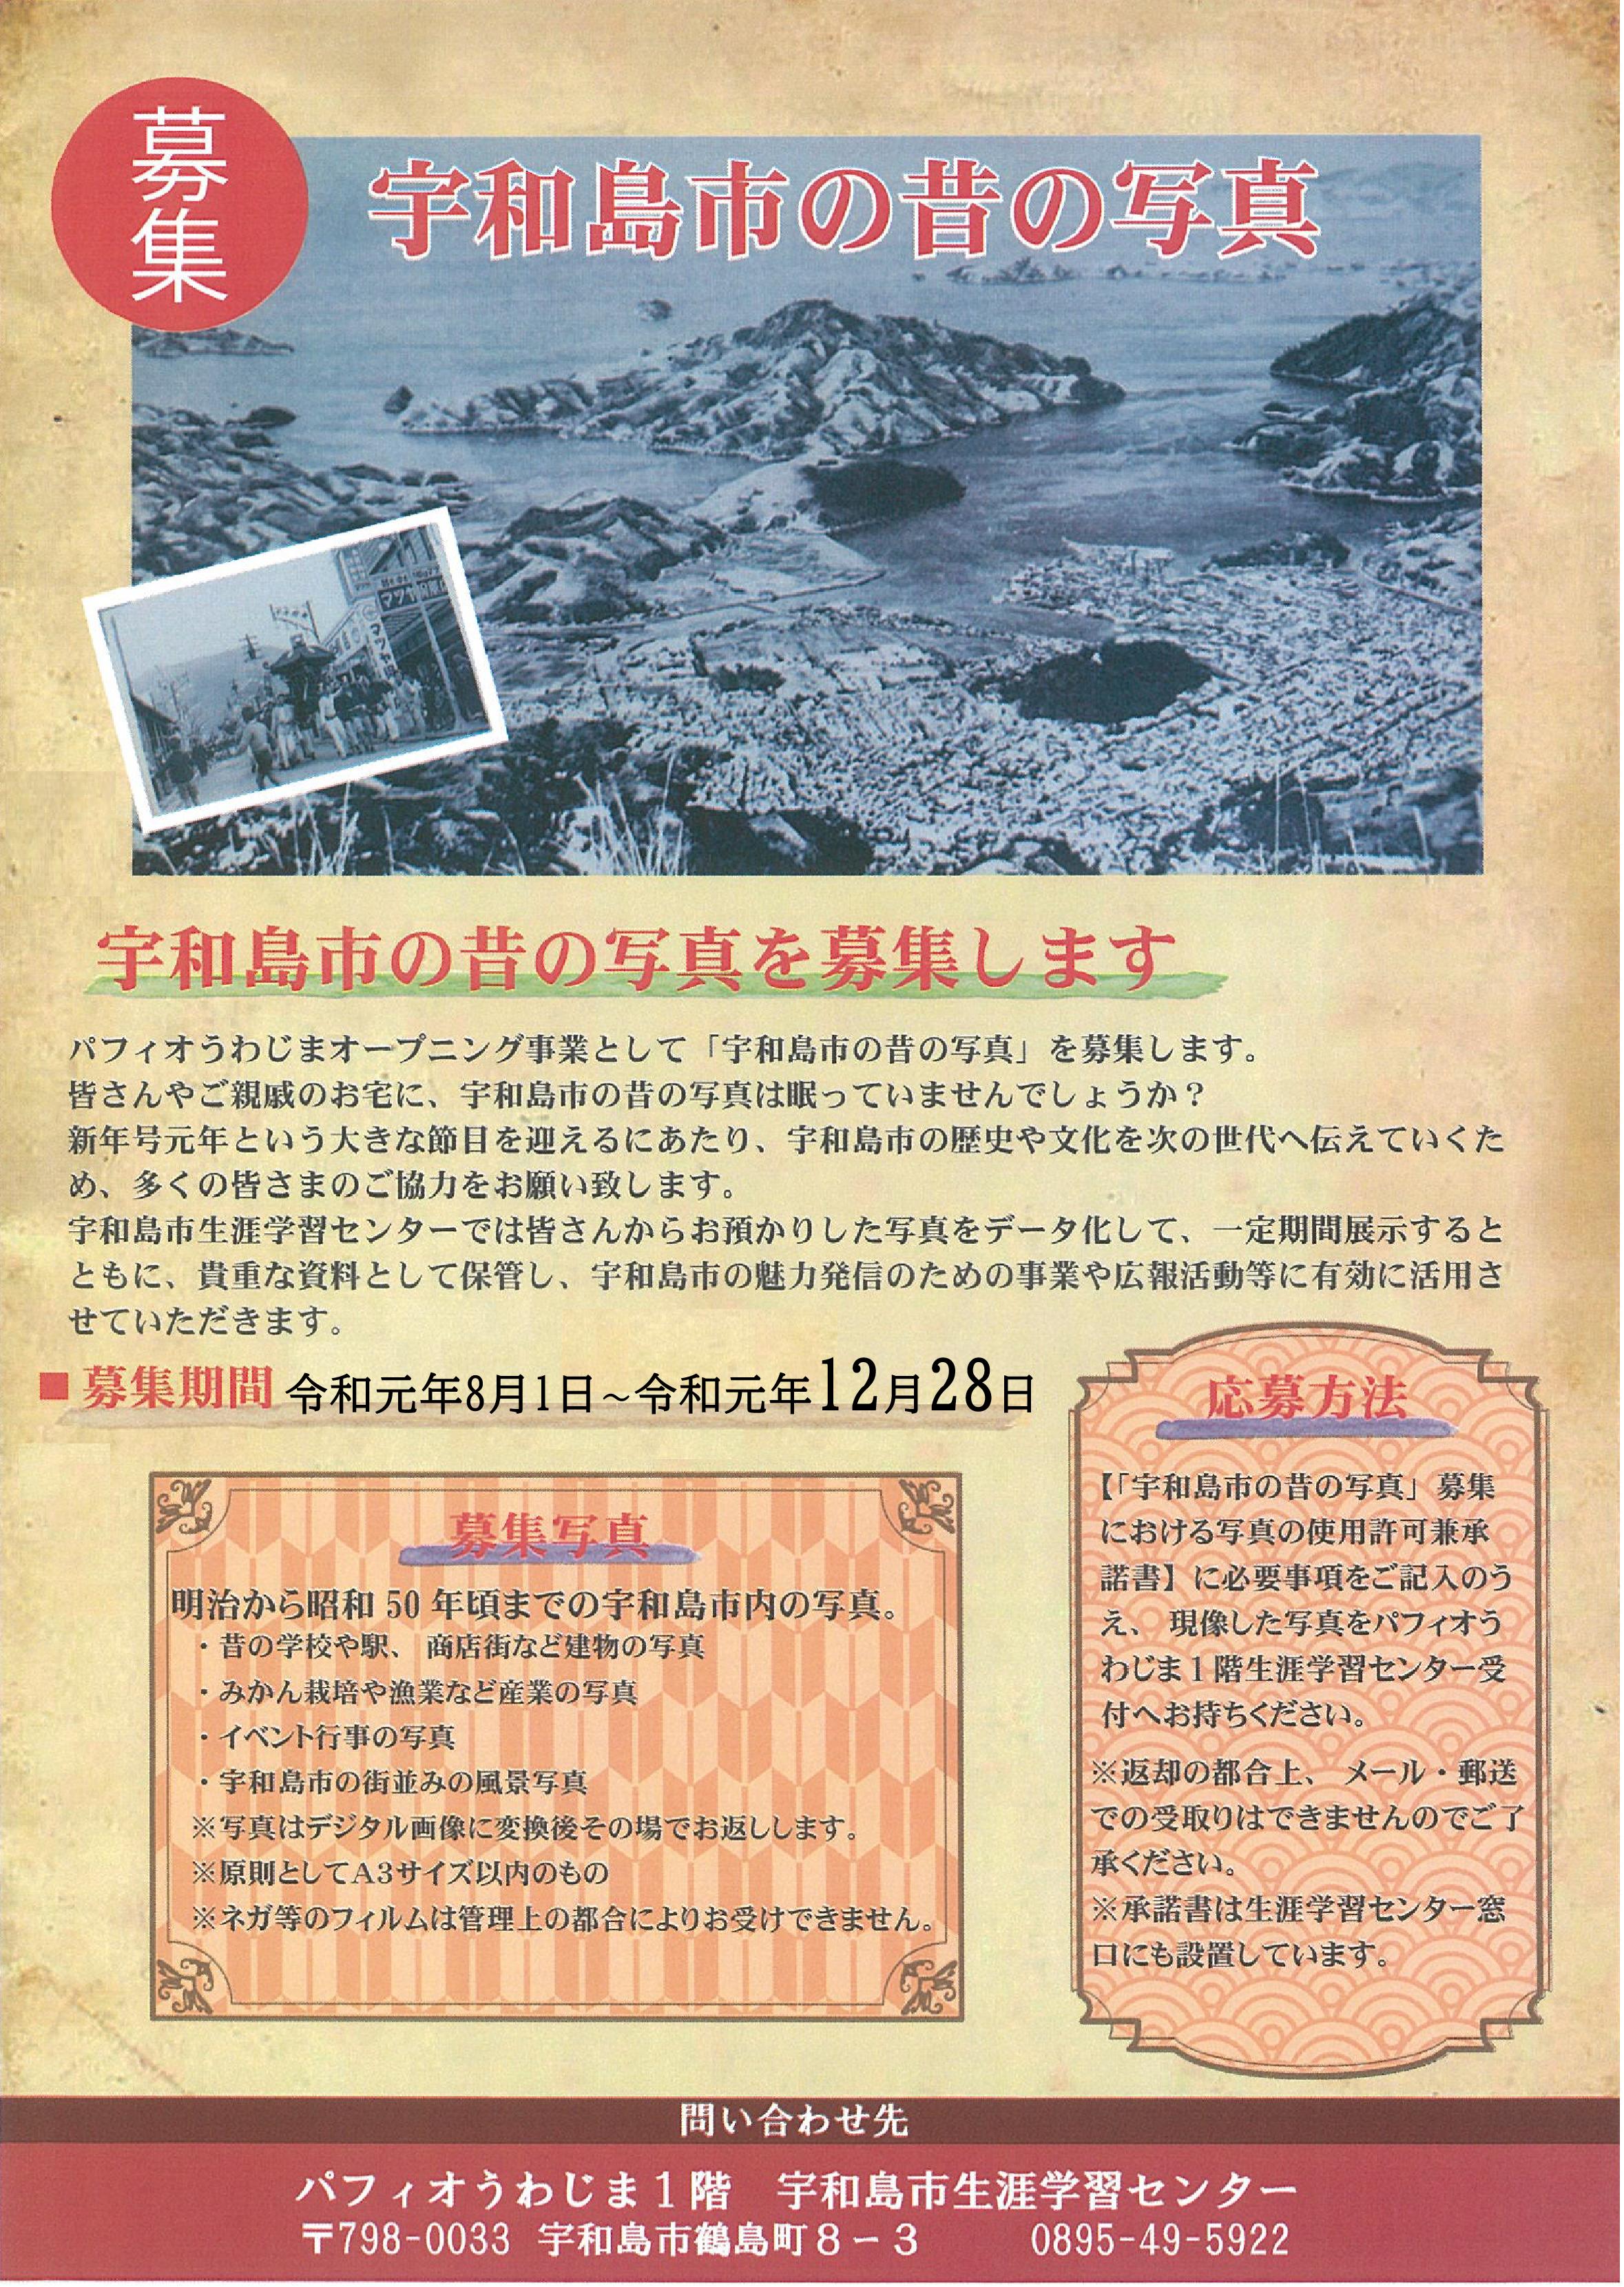 【募集】宇和島市の昔の写真の写真